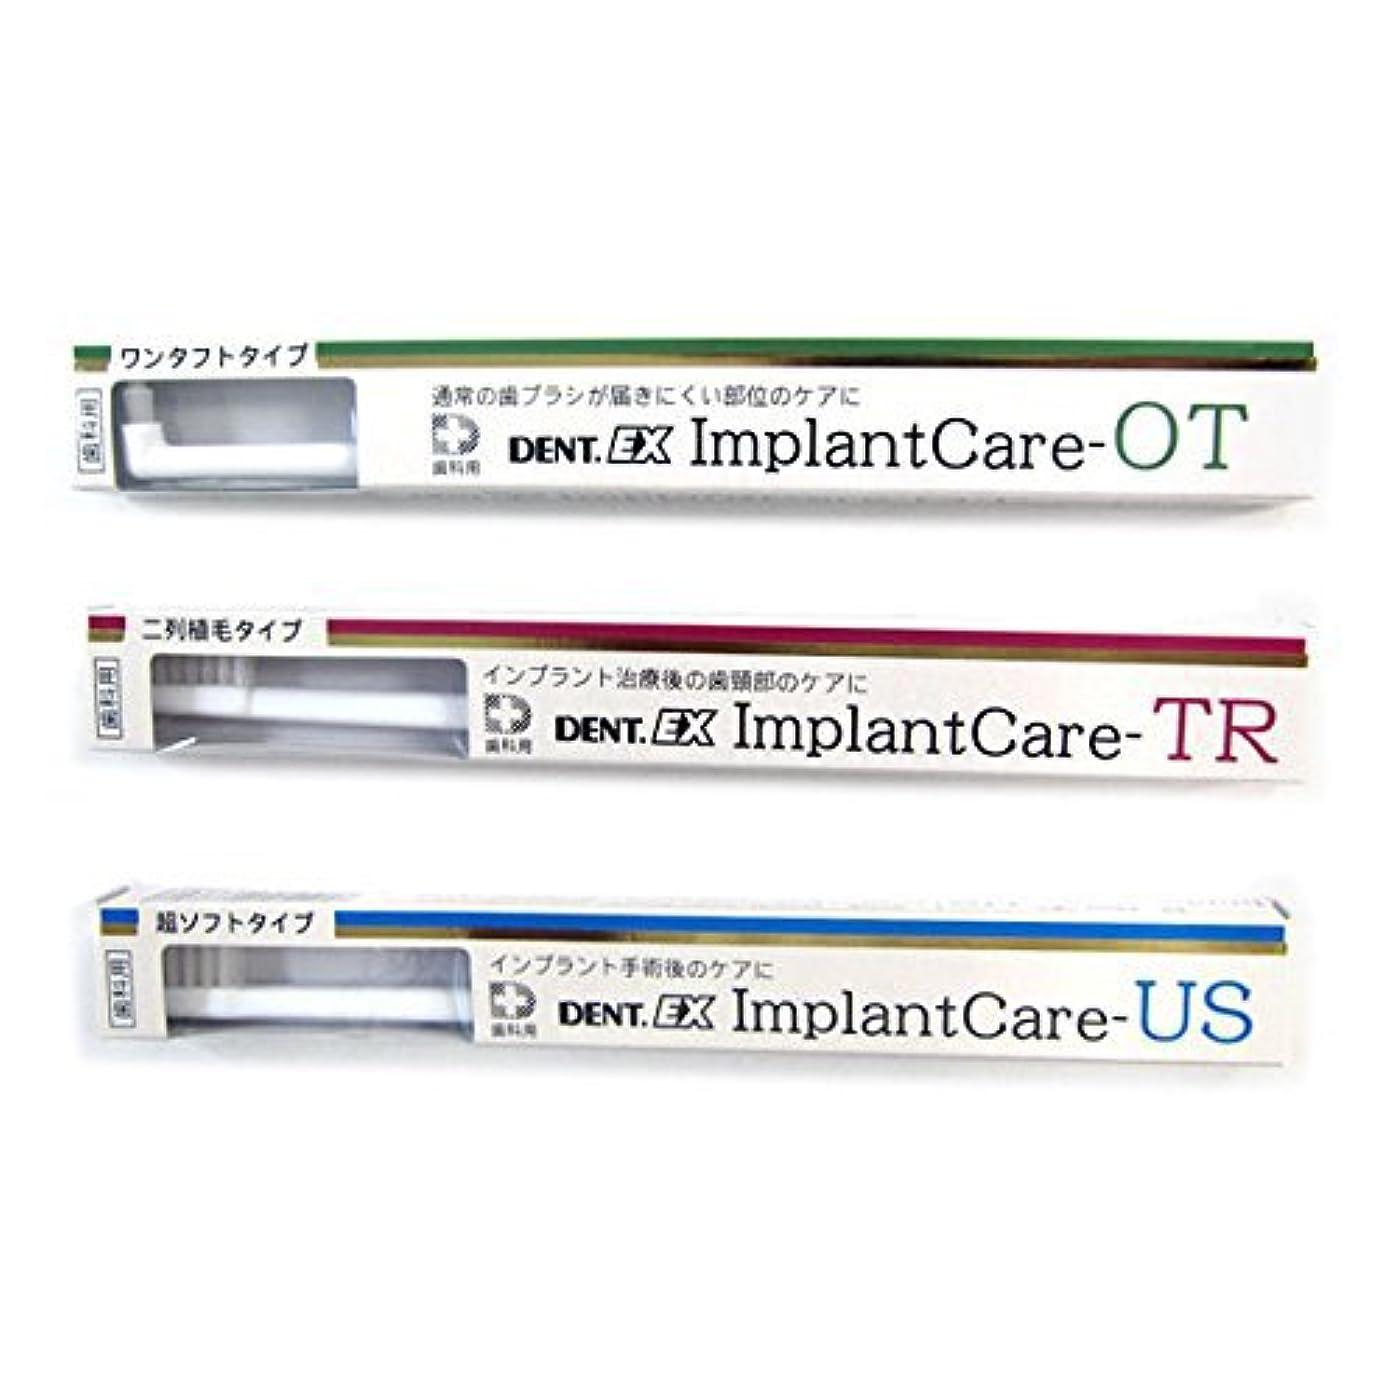 完了母音承知しましたデント DENT EX ImplantCare インプラントケア 単品 OT(ワンタフト)